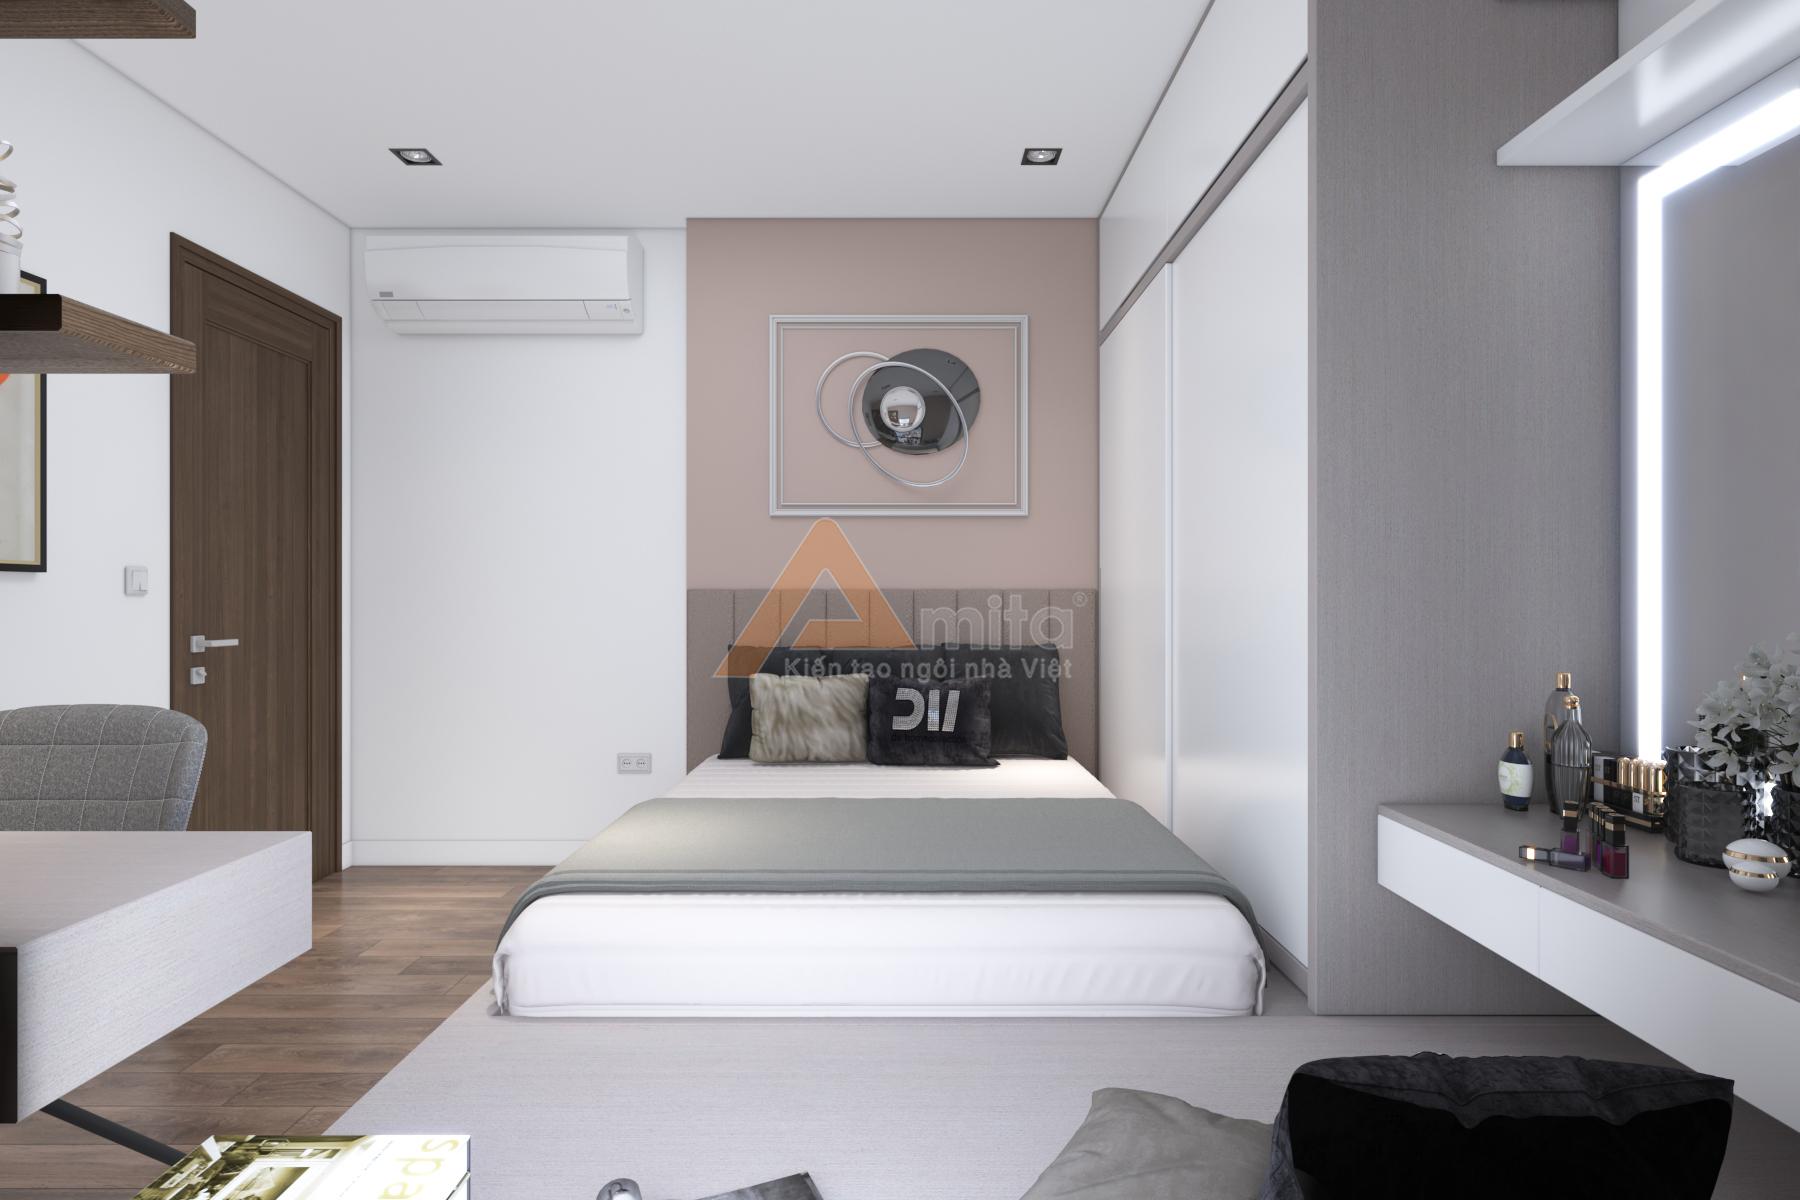 thiết kế nội thất chung cư tại Hà Nội Chung cư New Skyline - Văn Quán 14 1572341532